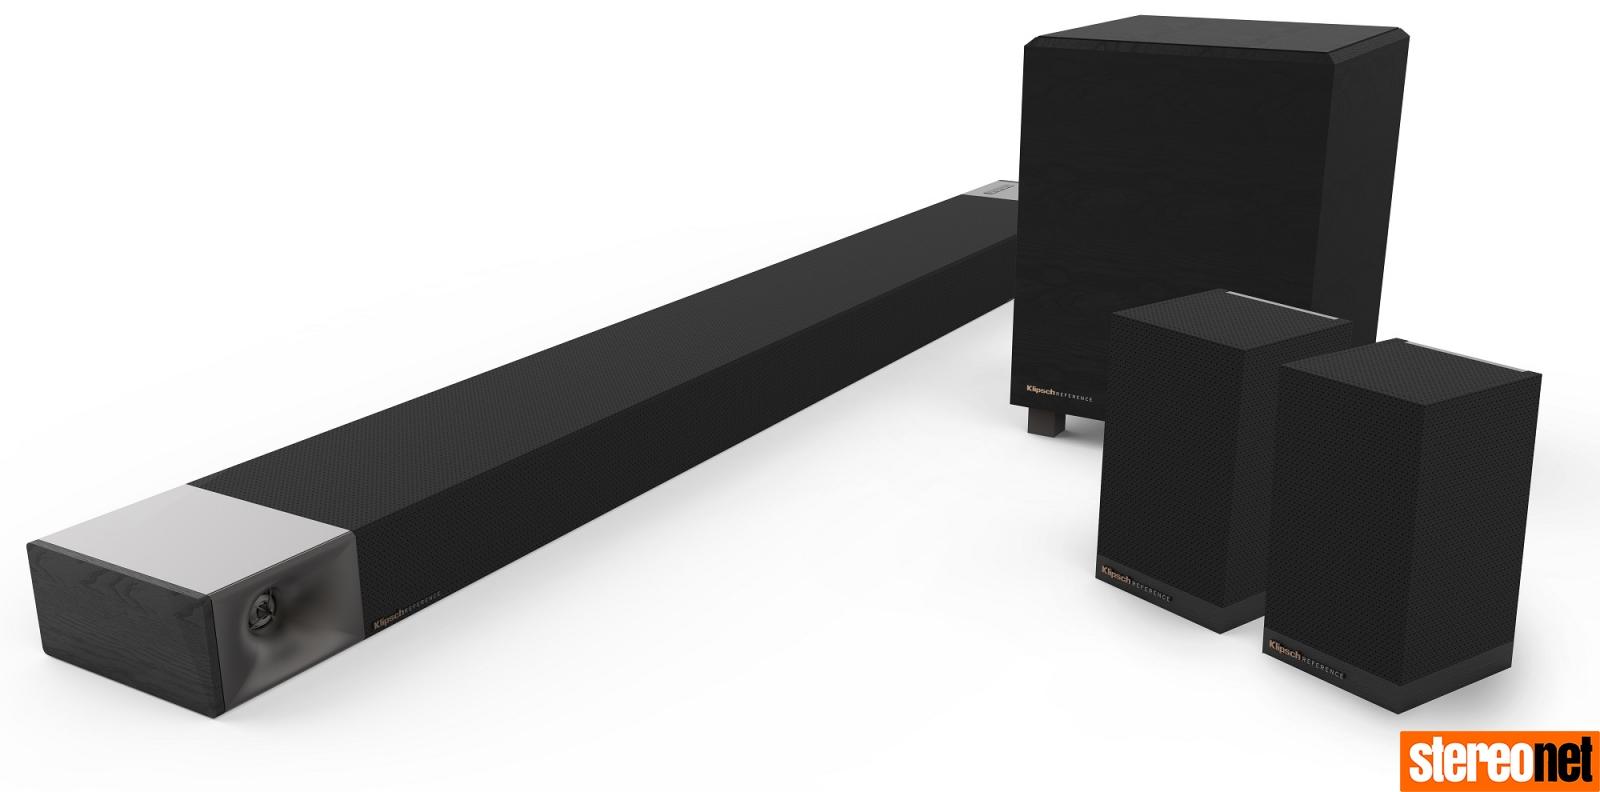 Klipsch Bar 54 CES 2020